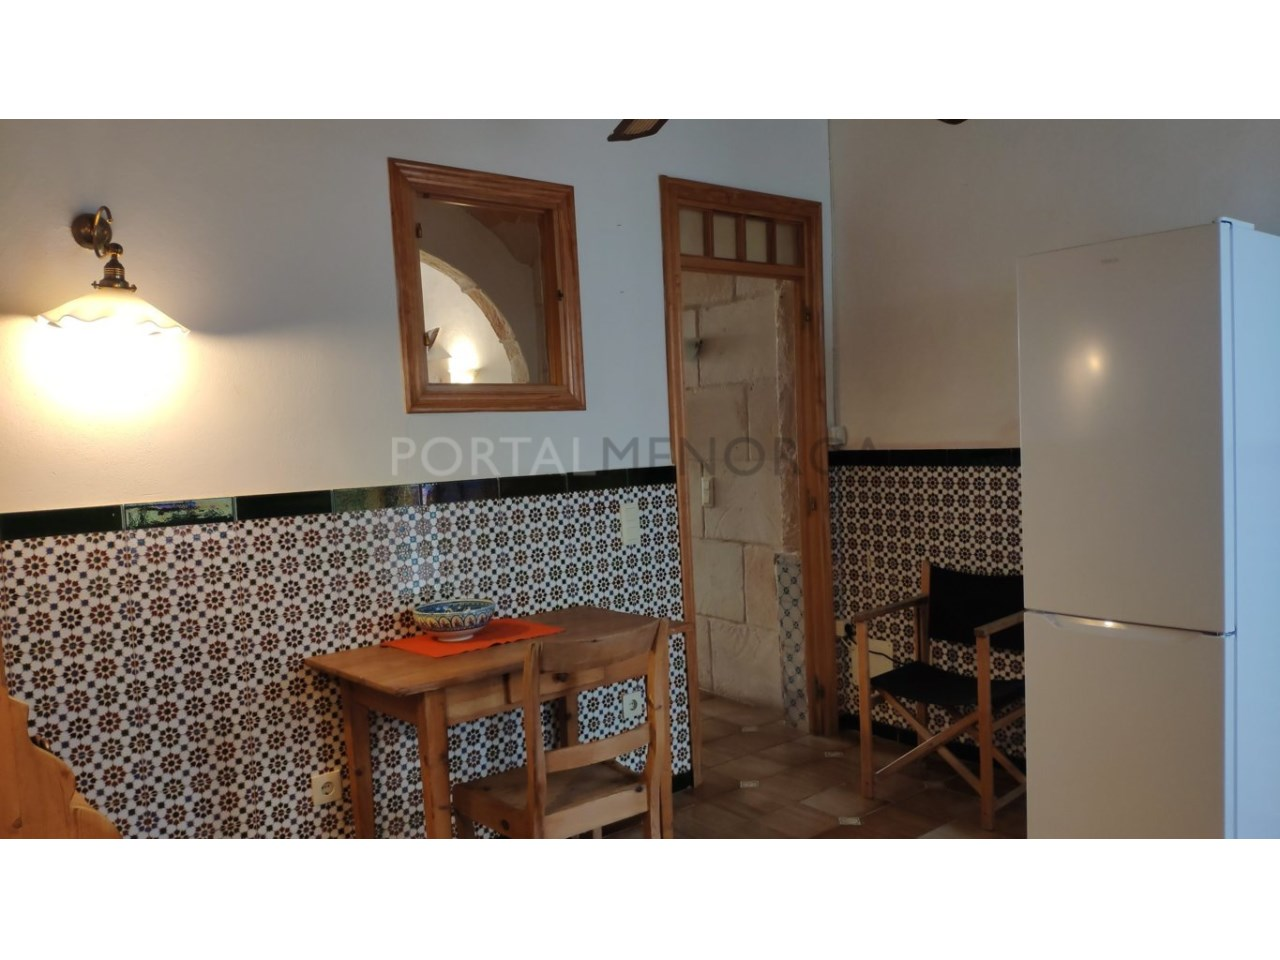 casa reformada en venta en Ciutadella de Menorca cocina 2